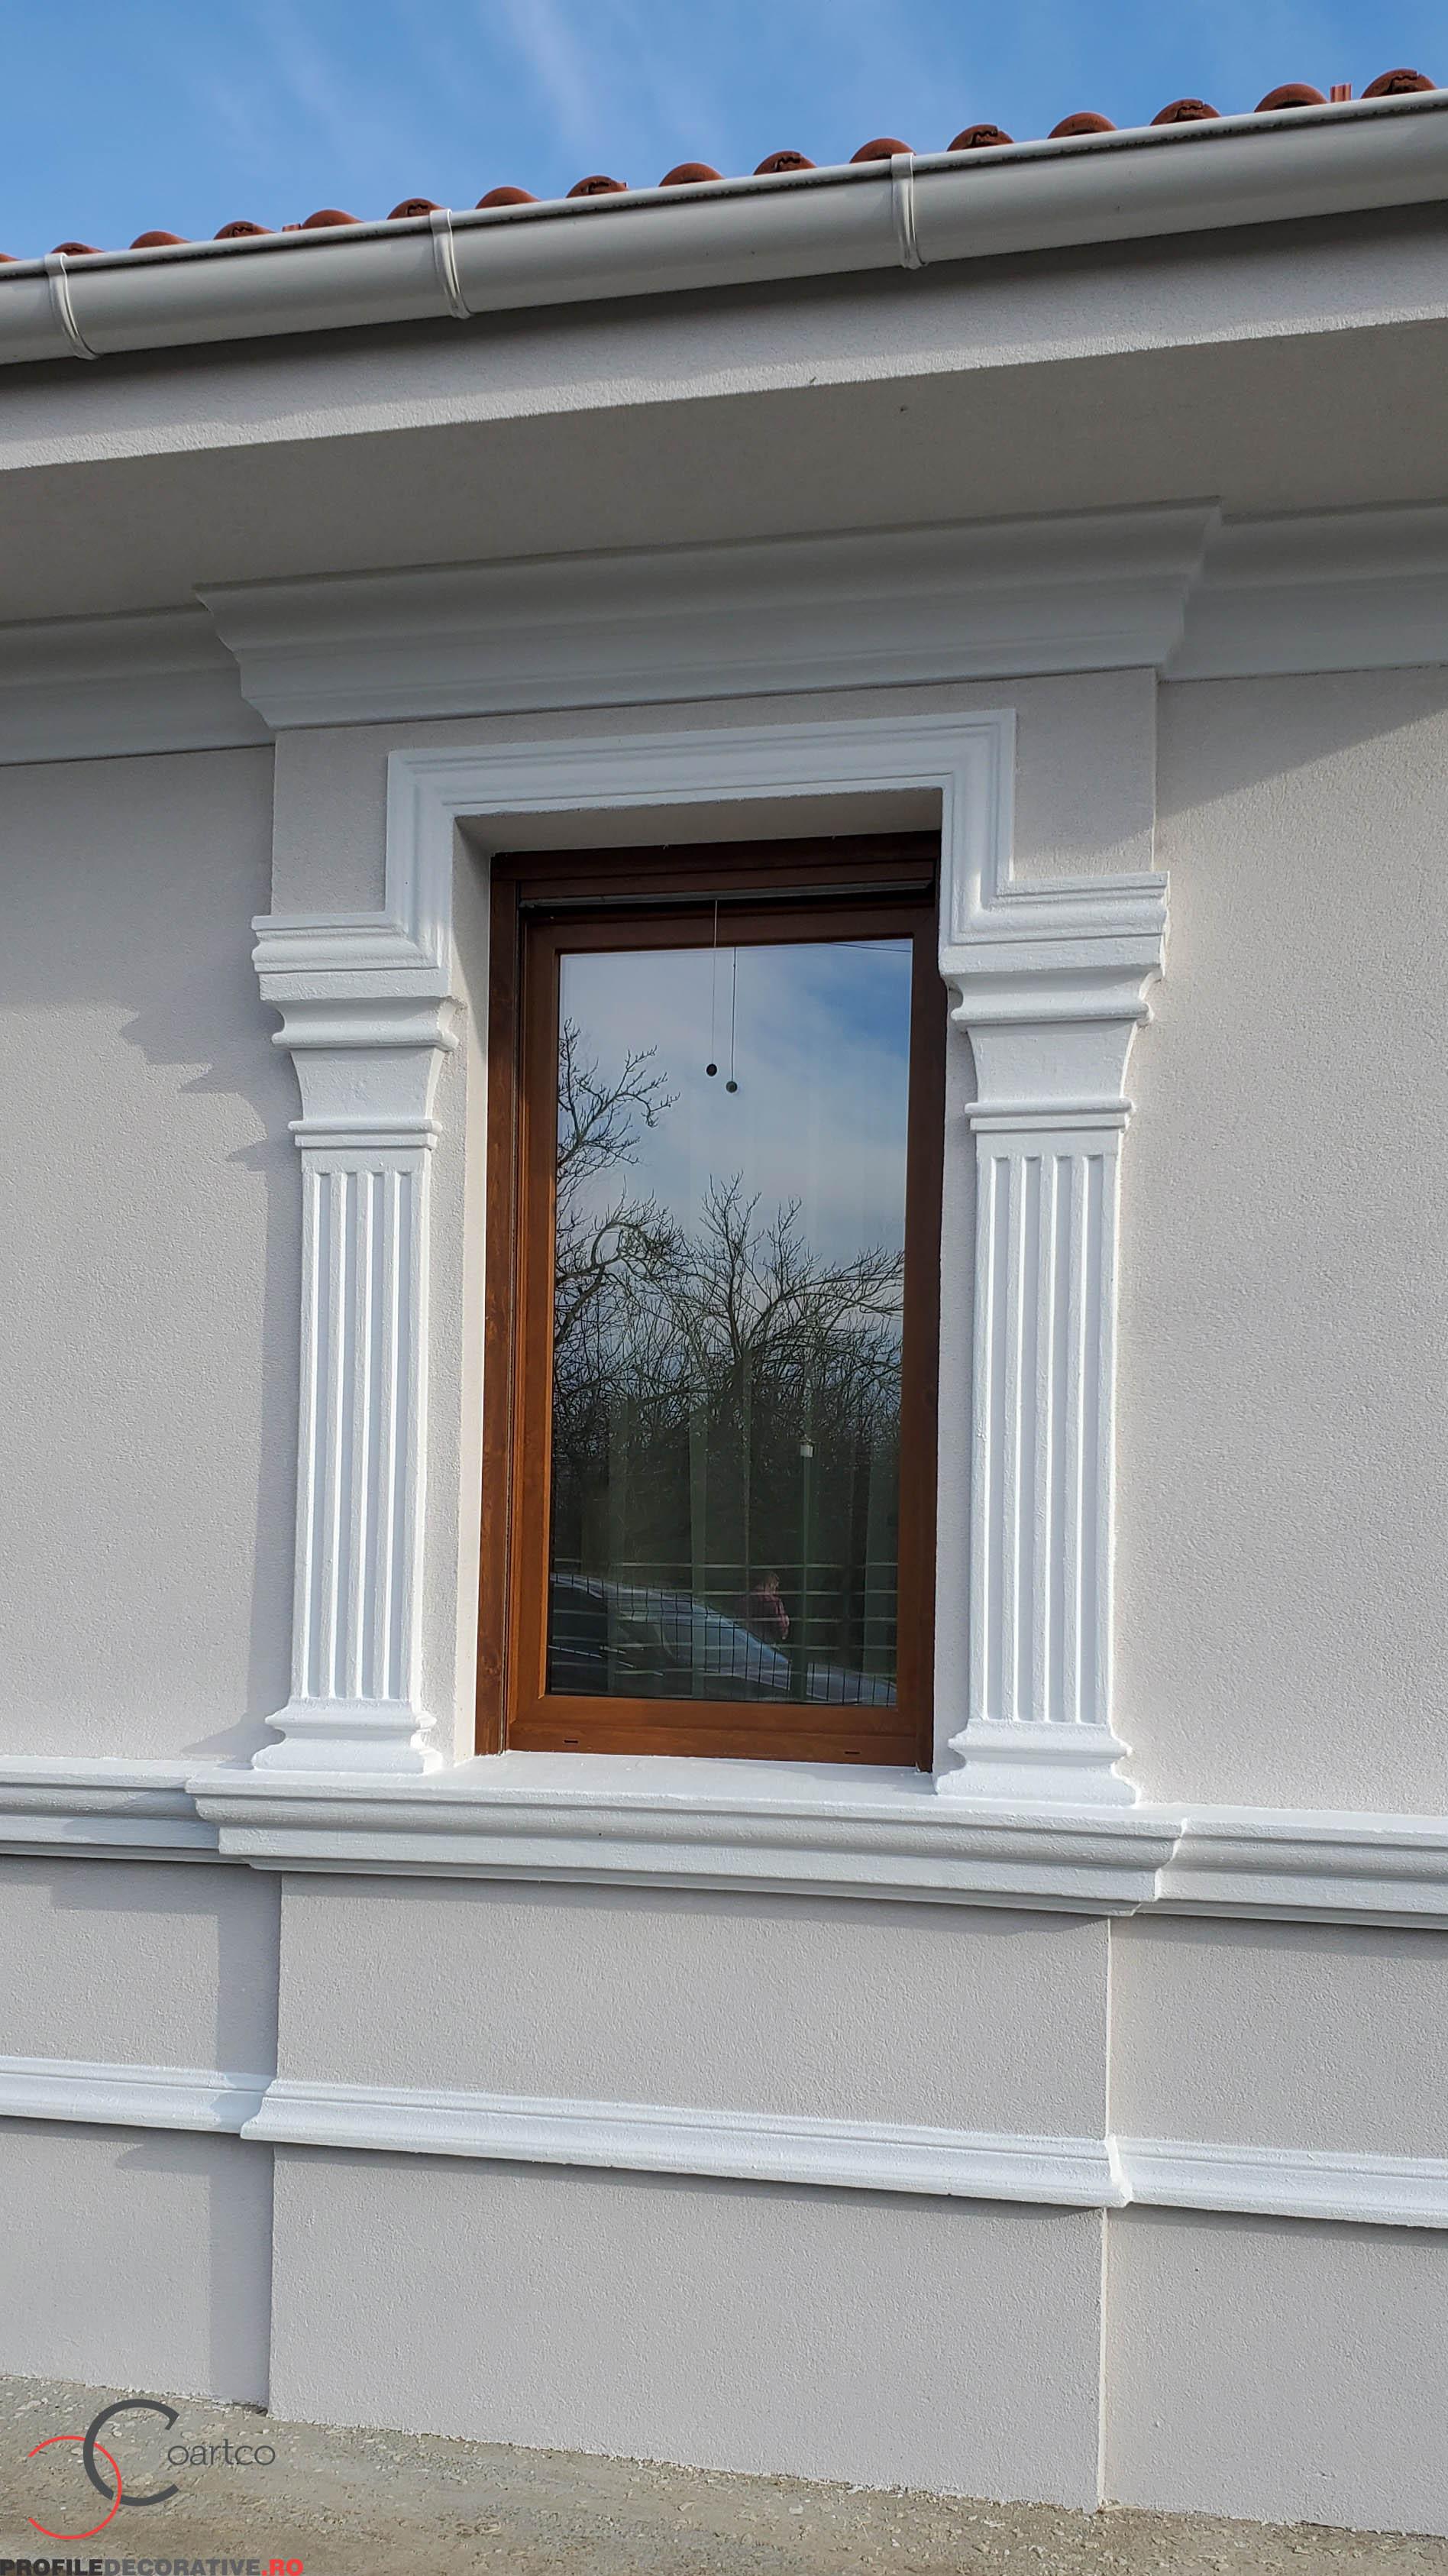 casa cu ancadramente fereastra